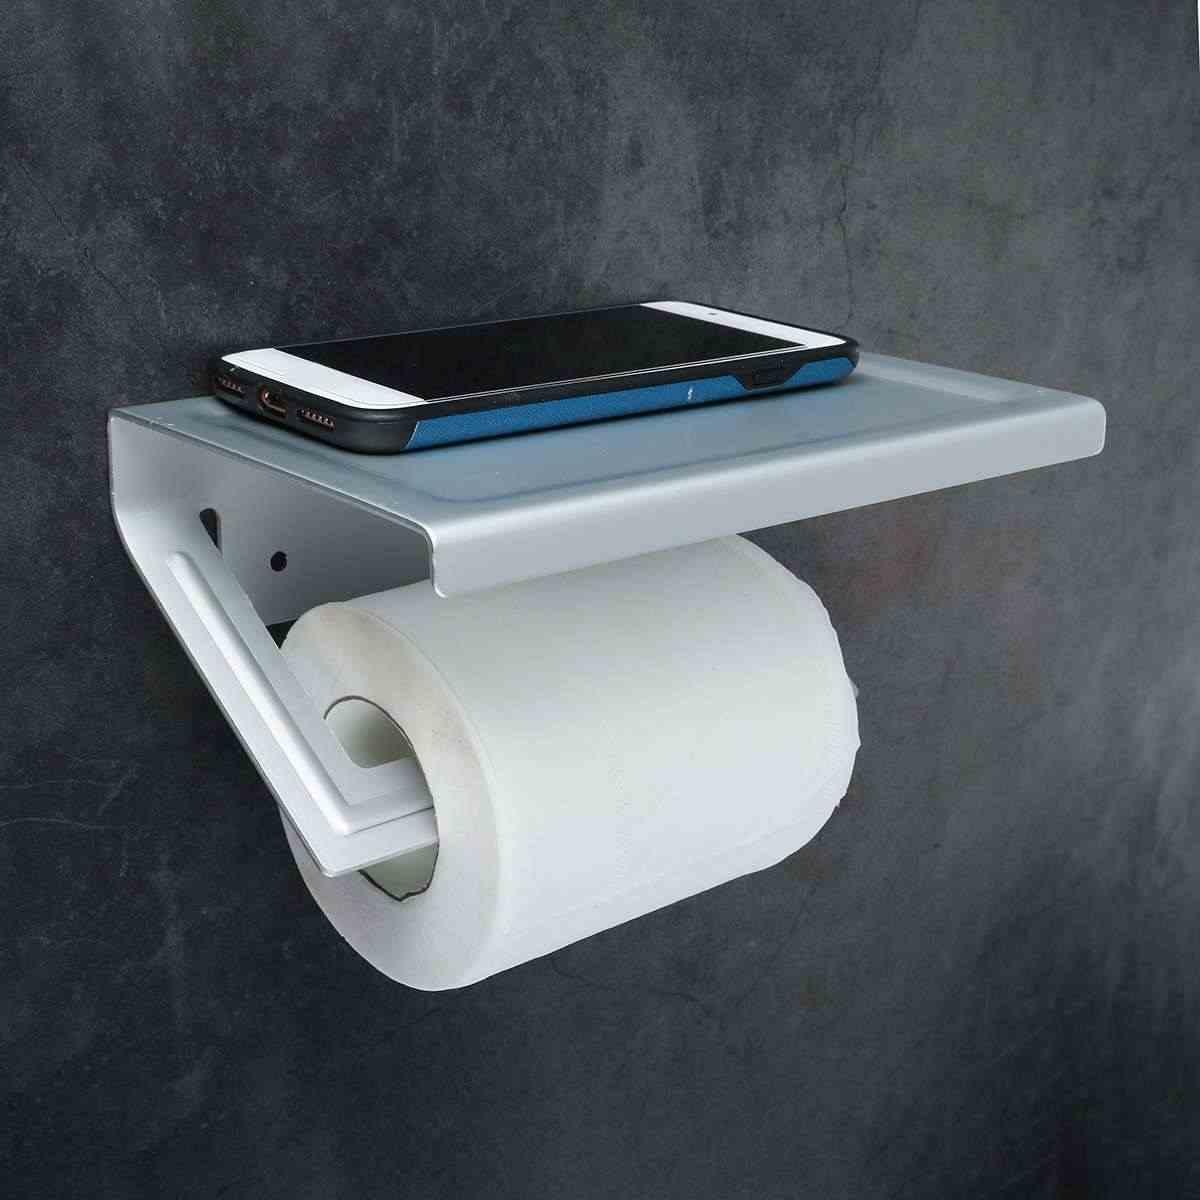 タオルでぶら下げラック紙ロールホルダー収納棚浴室タオルハンガーウォールマウント電話タオルホルダー